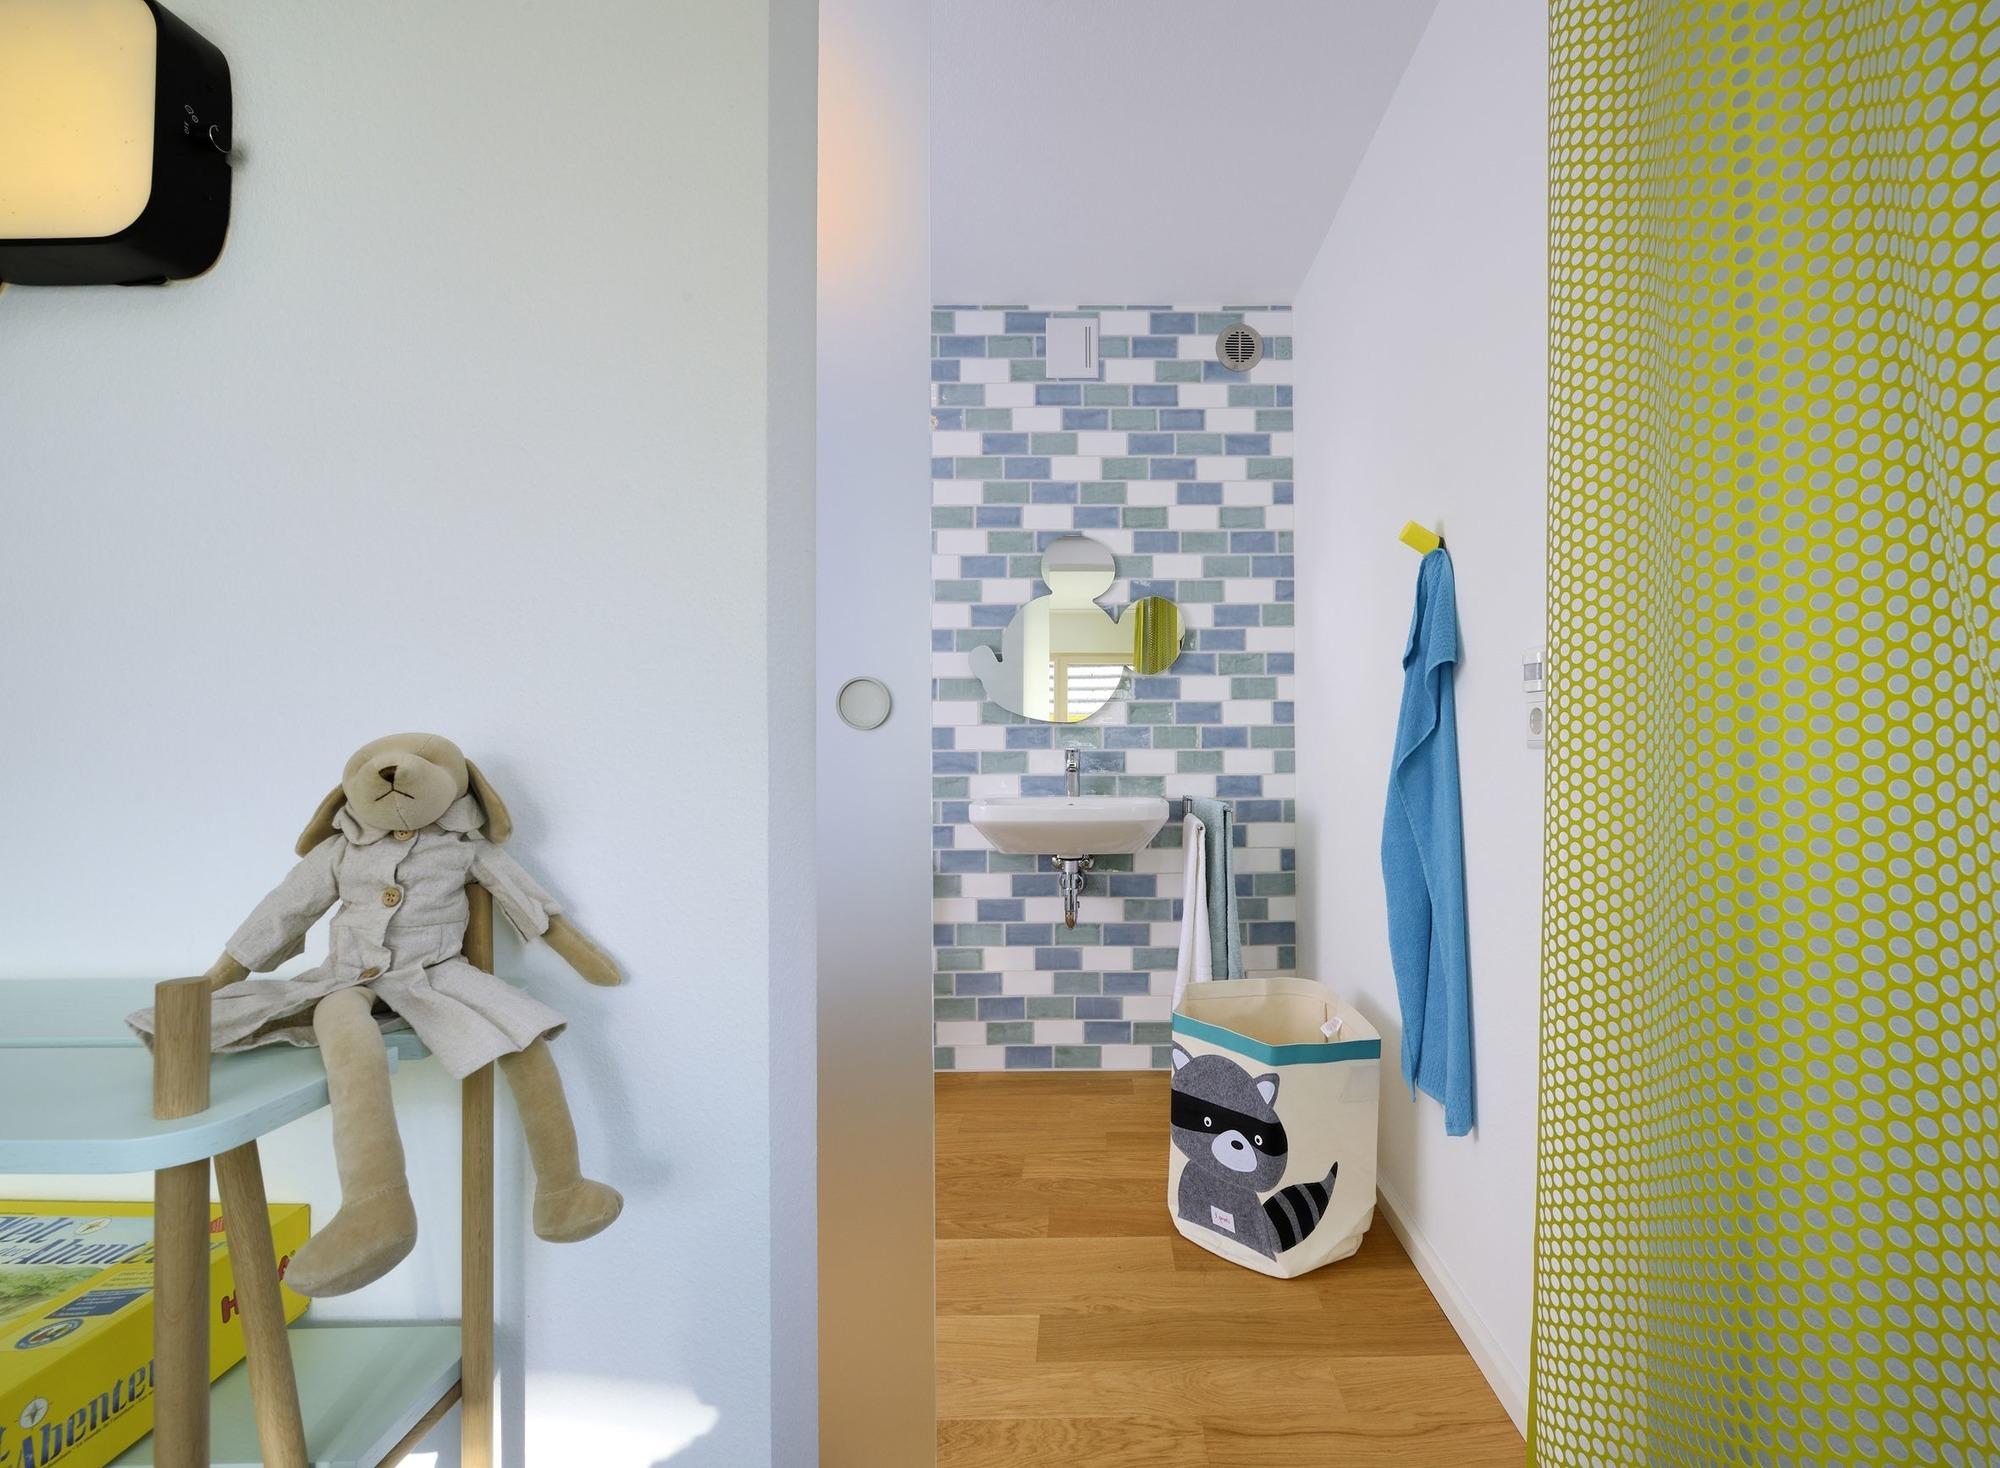 Neuer Bau-Trend: Das eigene Bad für die Kinder - Haus ...